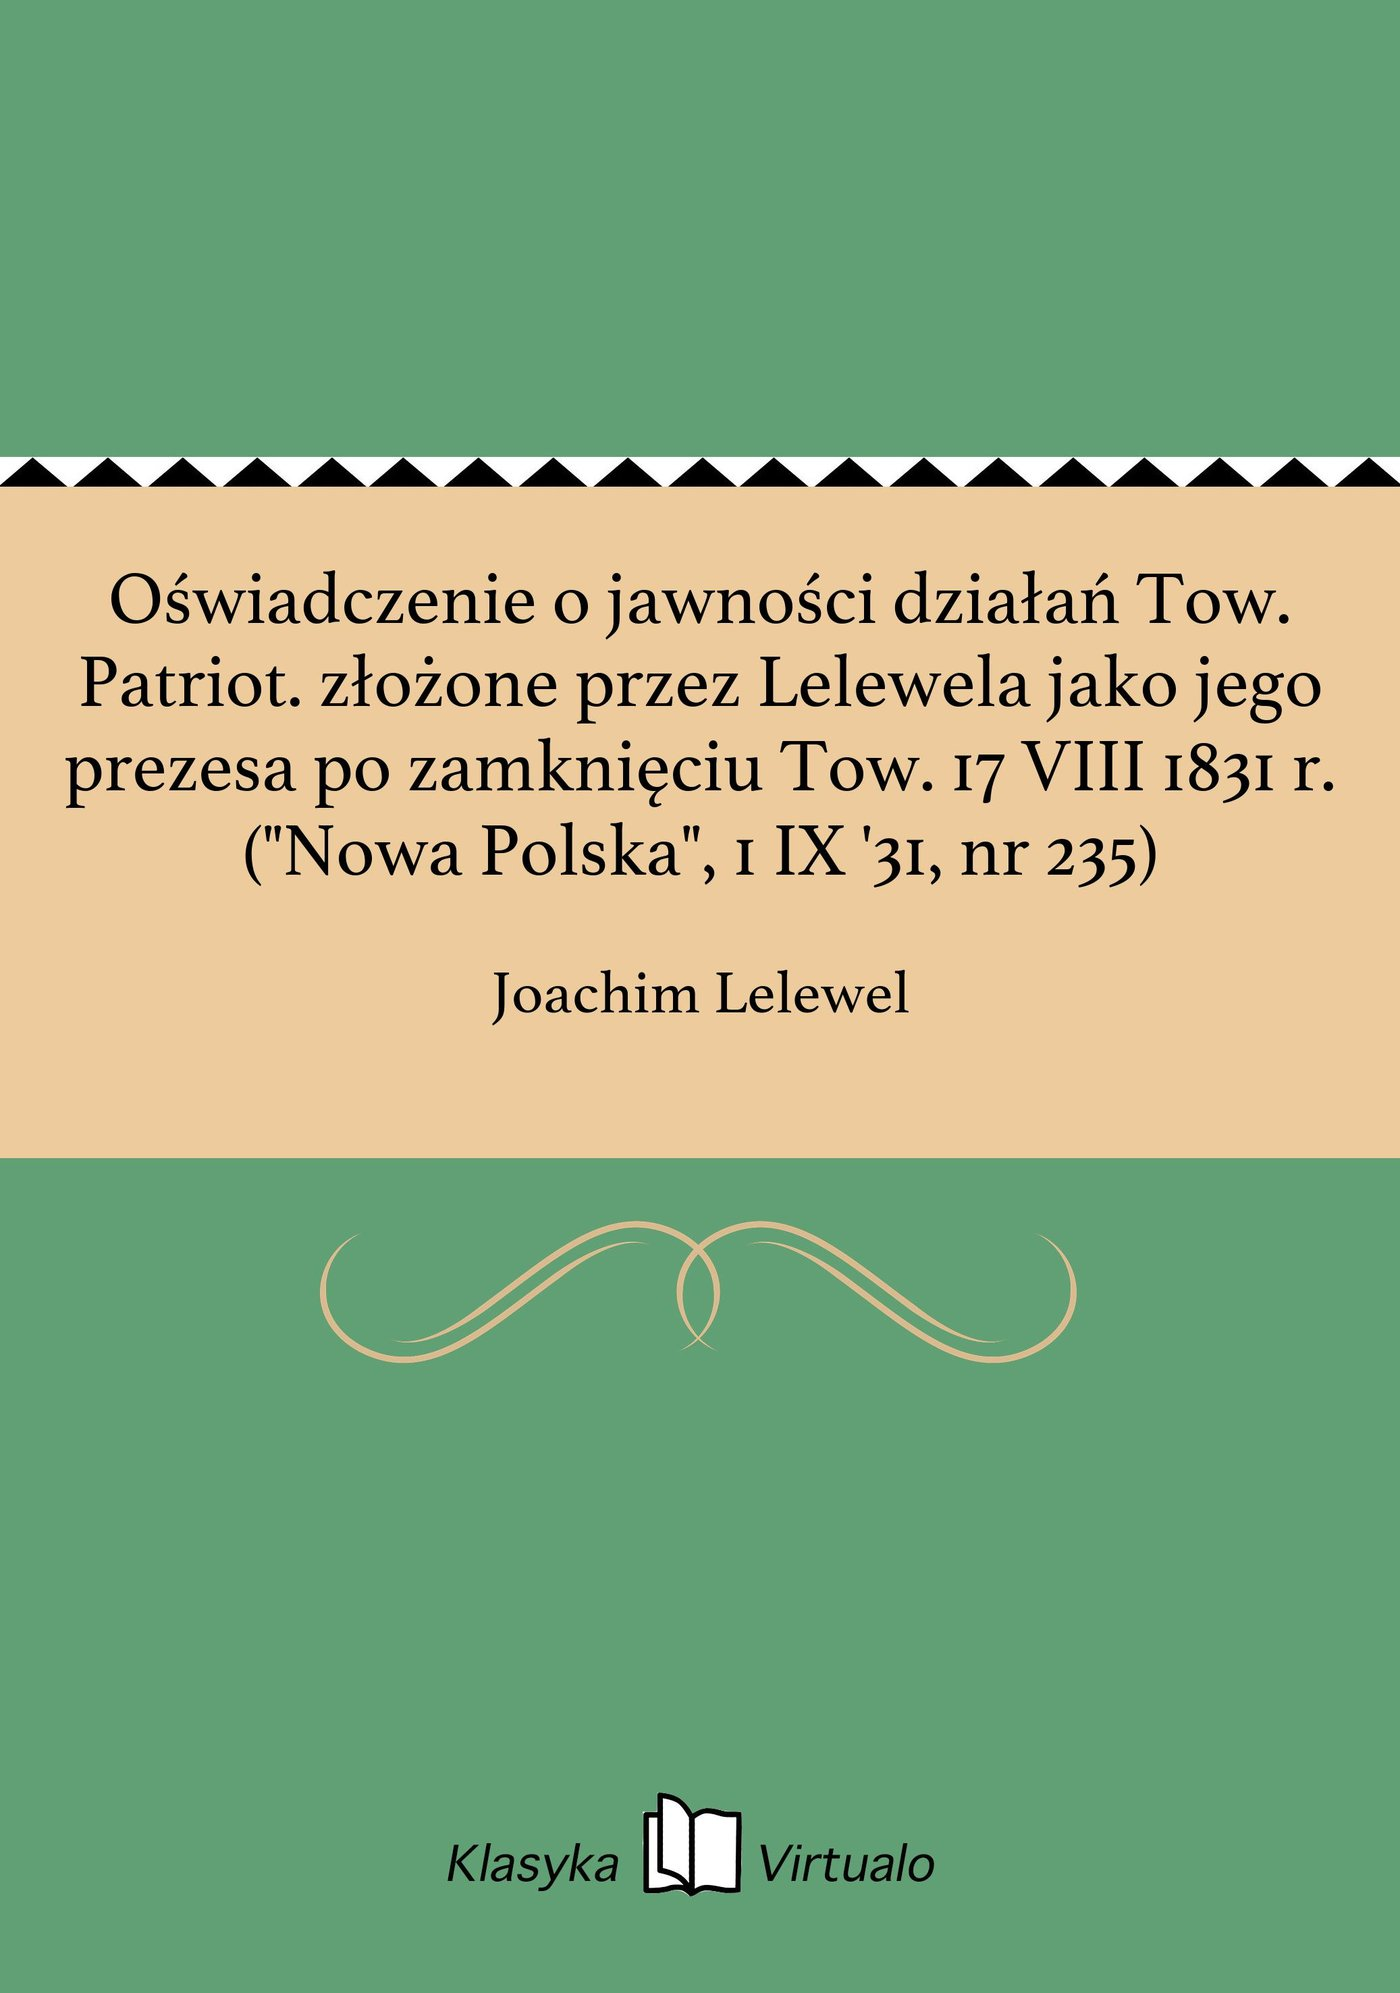 """Oświadczenie o jawności działań Tow. Patriot. złożone przez Lelewela jako jego prezesa po zamknięciu Tow. 17 VIII 1831 r. (""""Nowa Polska"""", 1 IX '31, nr 235) - Ebook (Książka EPUB) do pobrania w formacie EPUB"""